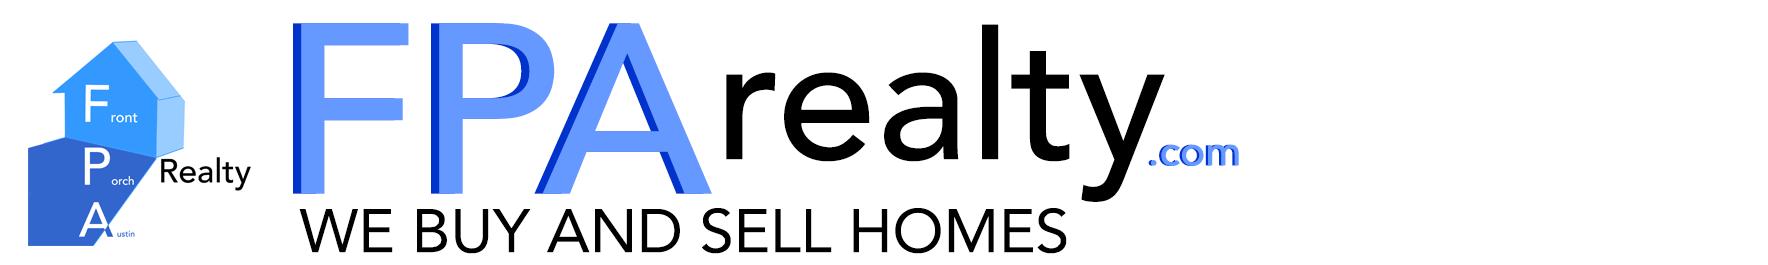 FPA realty FPArealty.com